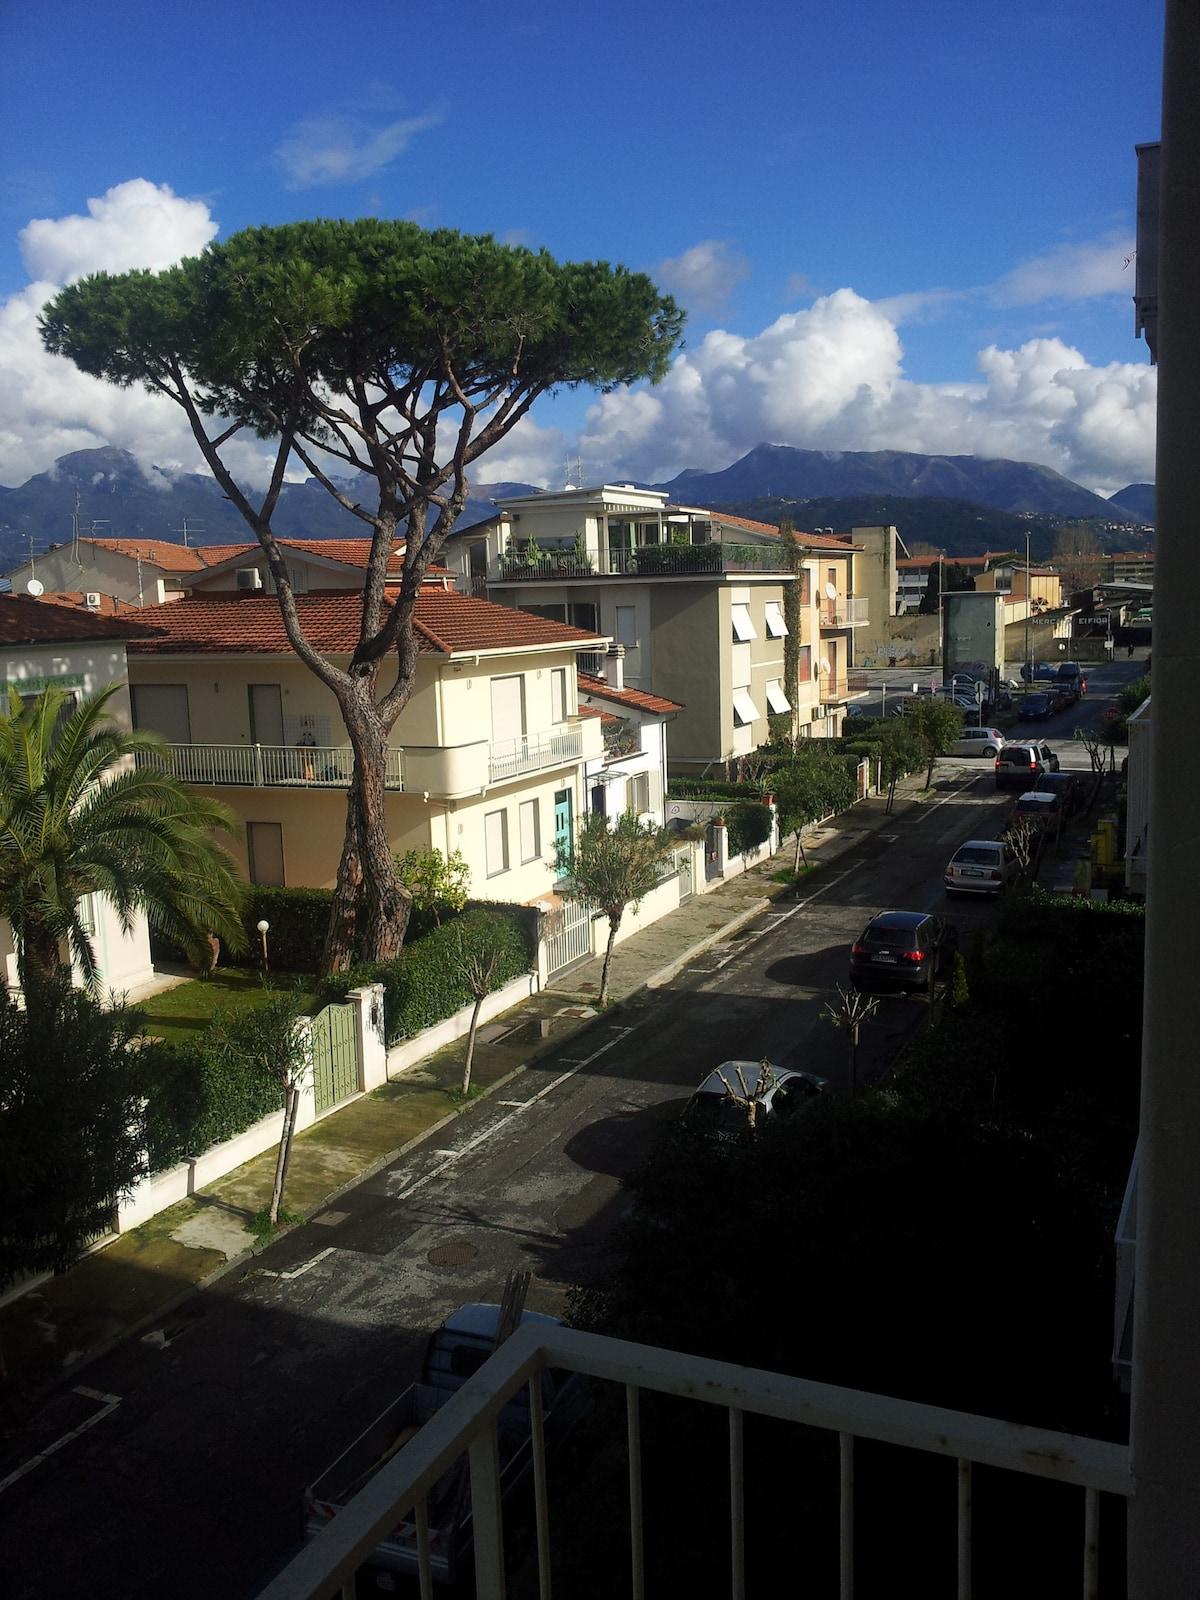 New homes in Viareggio buy cheap